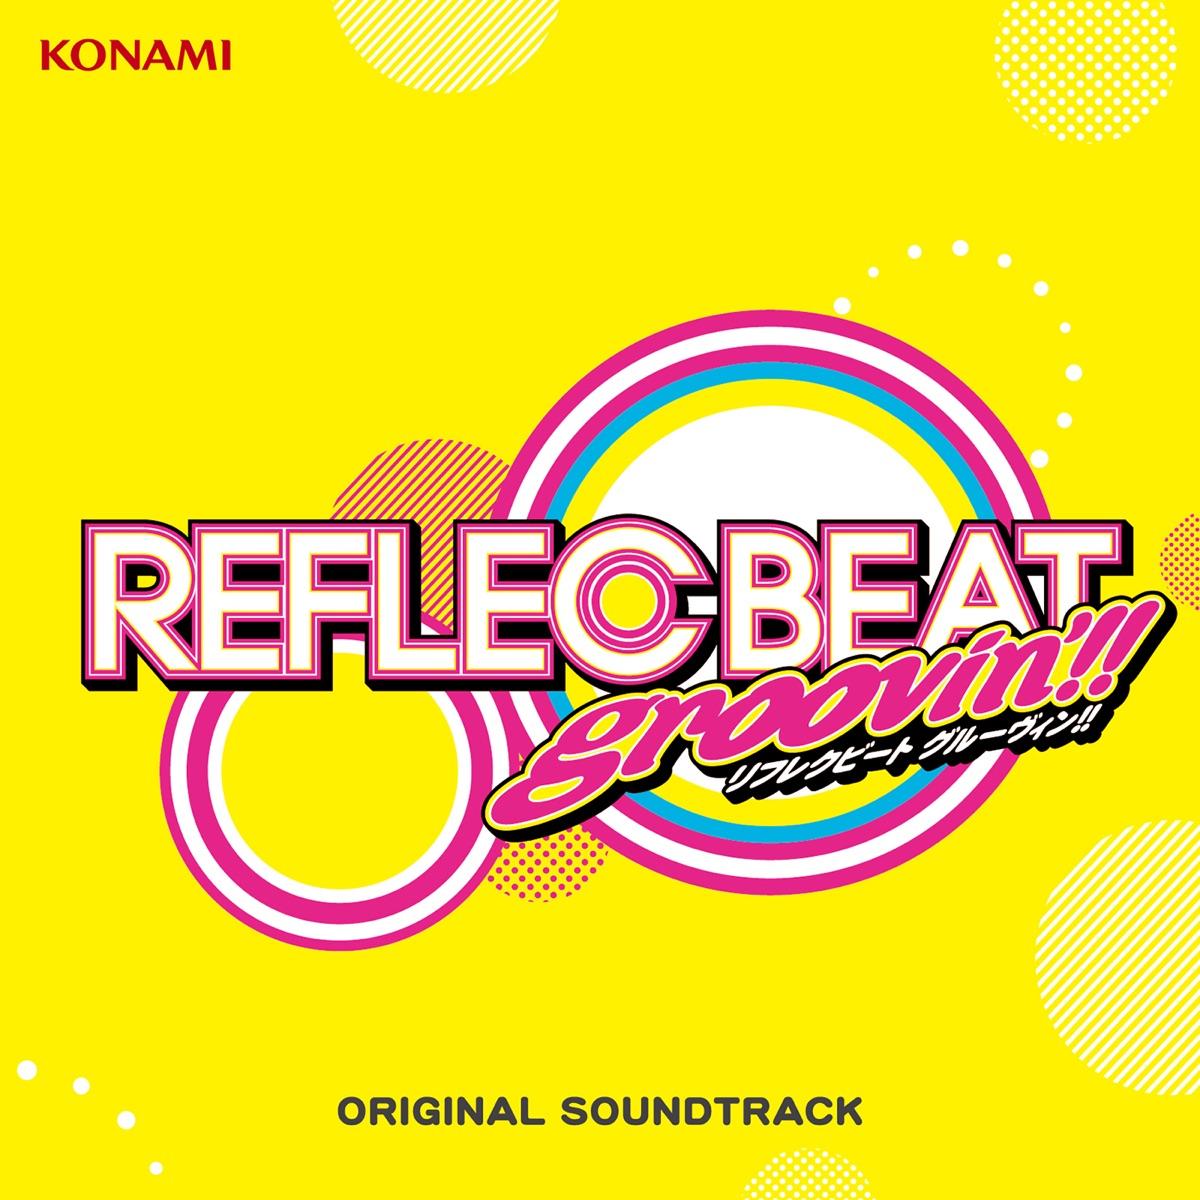 『ヒゲドライバー join. SELEN - 打打打打打打打打打打』収録の『REFLEC BEAT groovin'!! + colette ORIGINAL SOUNDTRACK』ジャケット